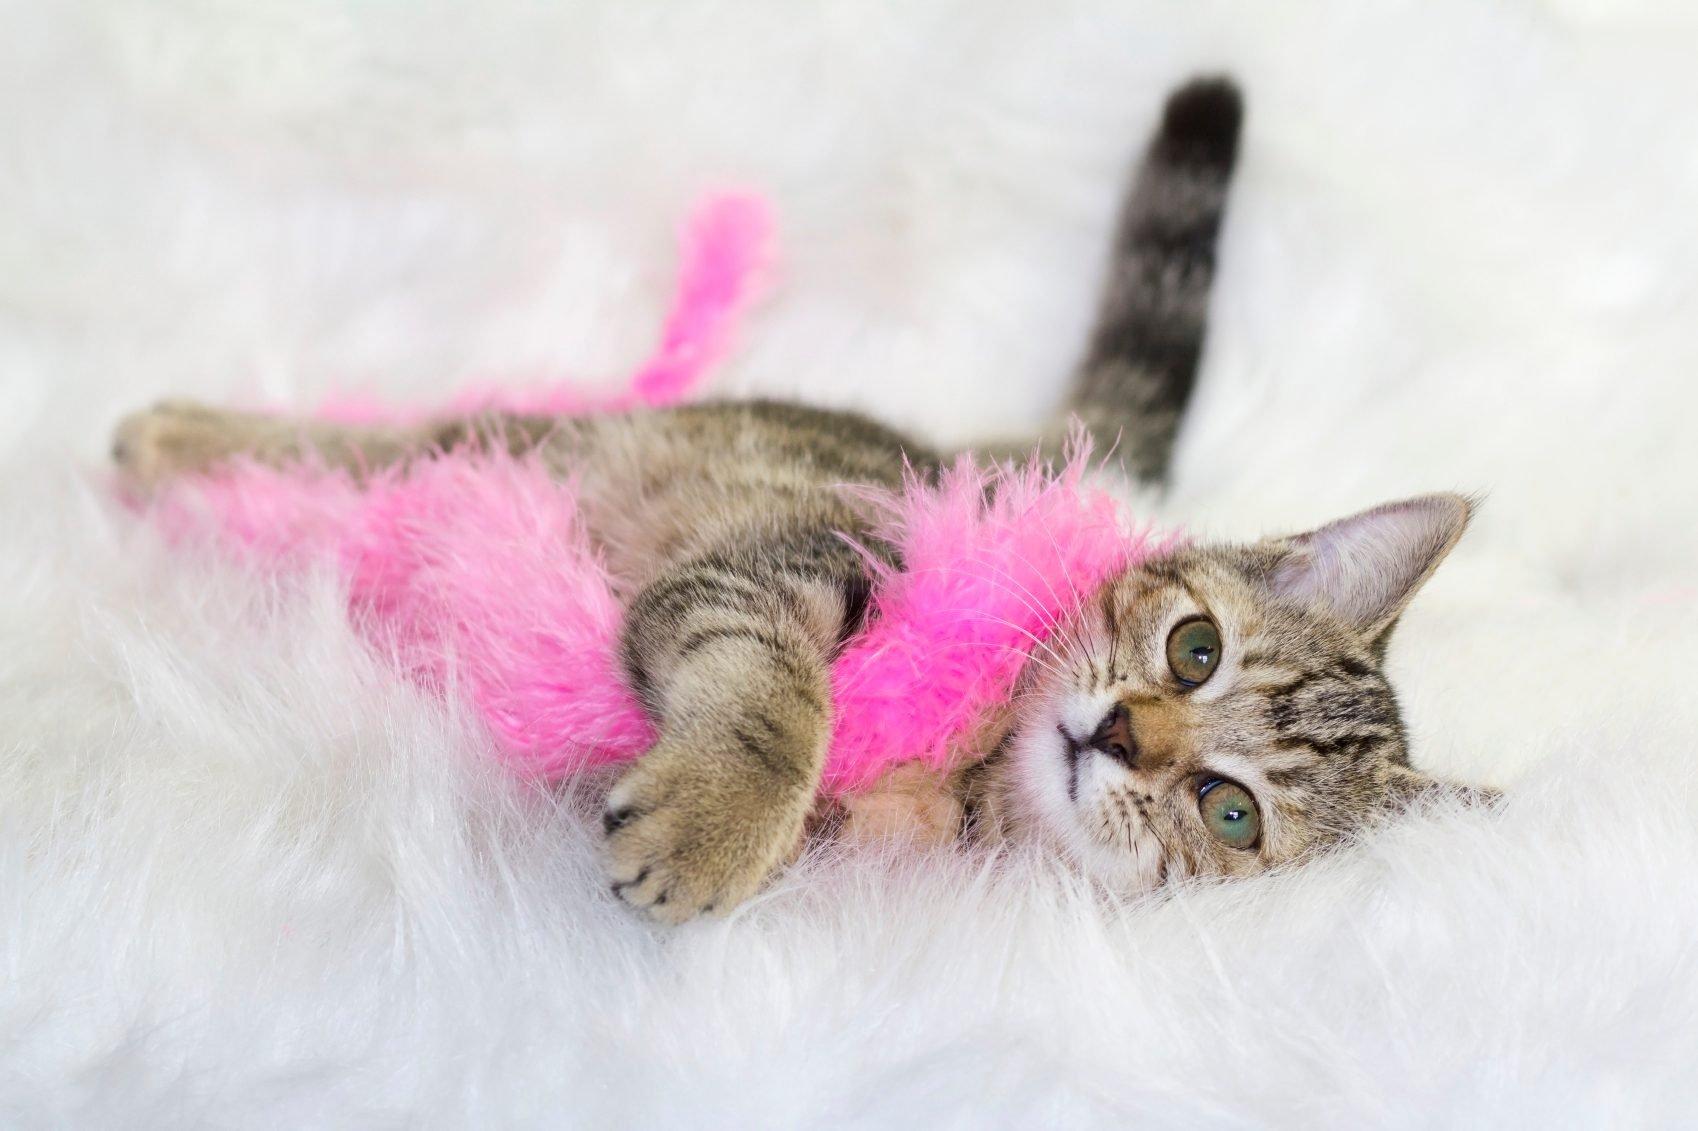 Les chats apprennent vite à ronronner.